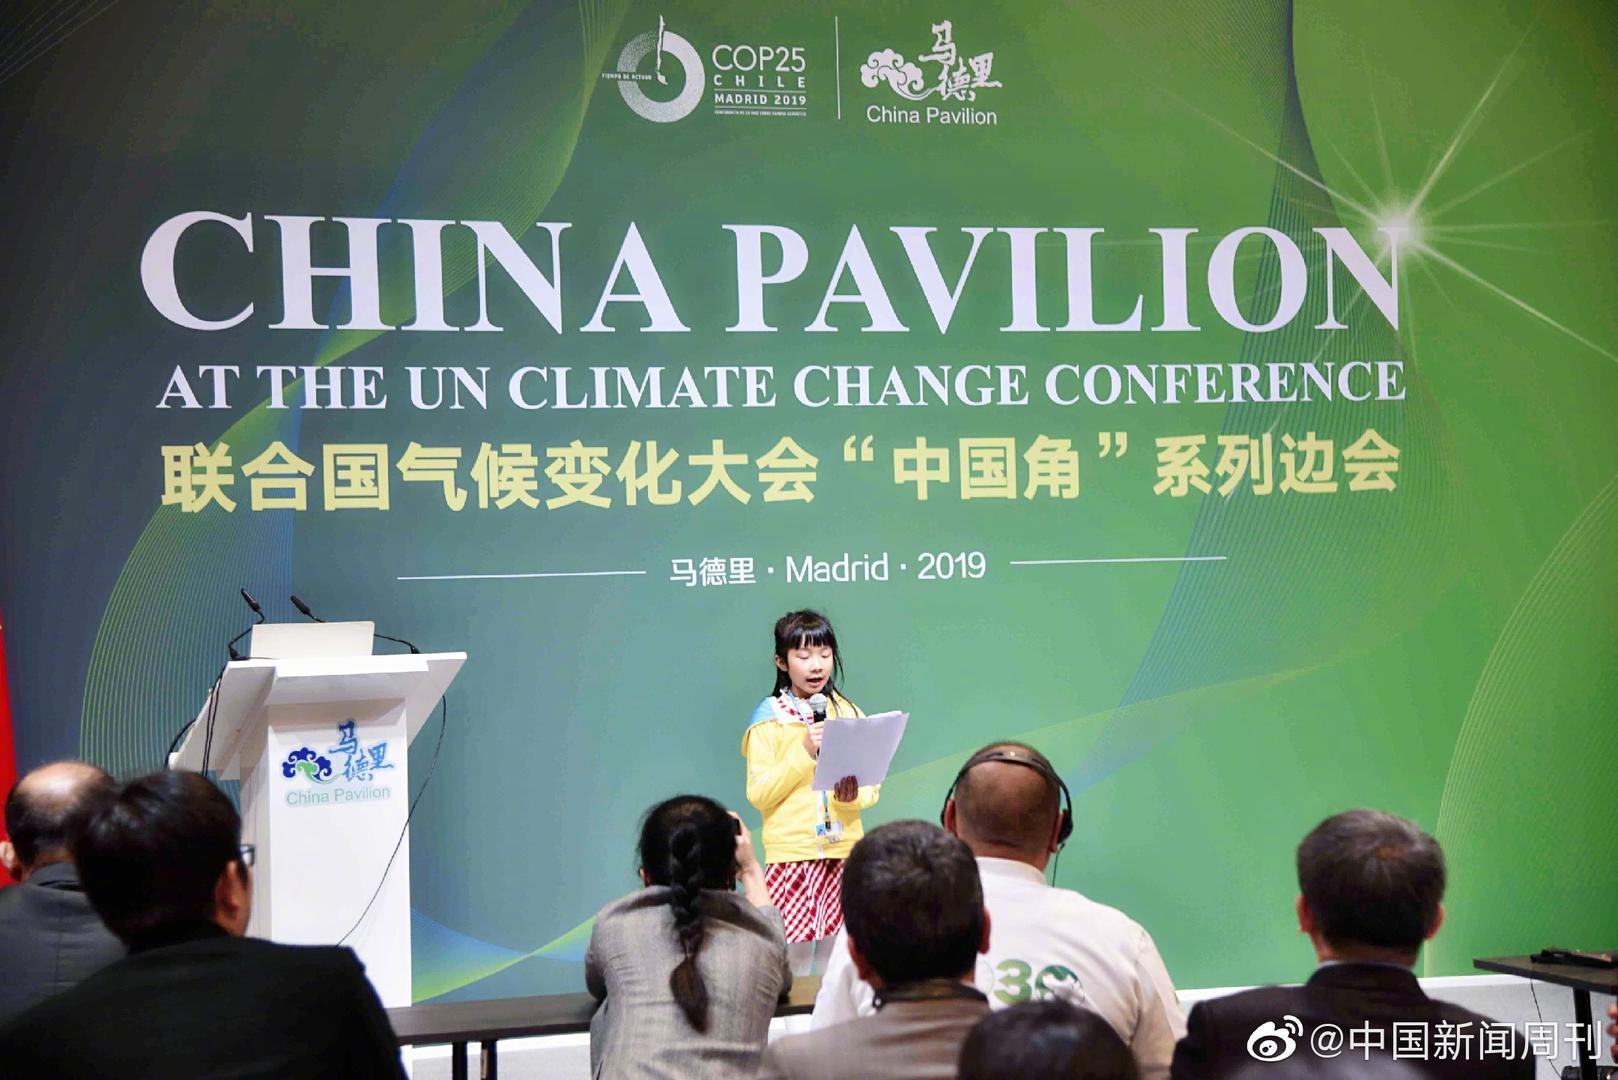 ▲第25届联合国气候变化大会现场,黎子琳进行演讲,图片来源见水印